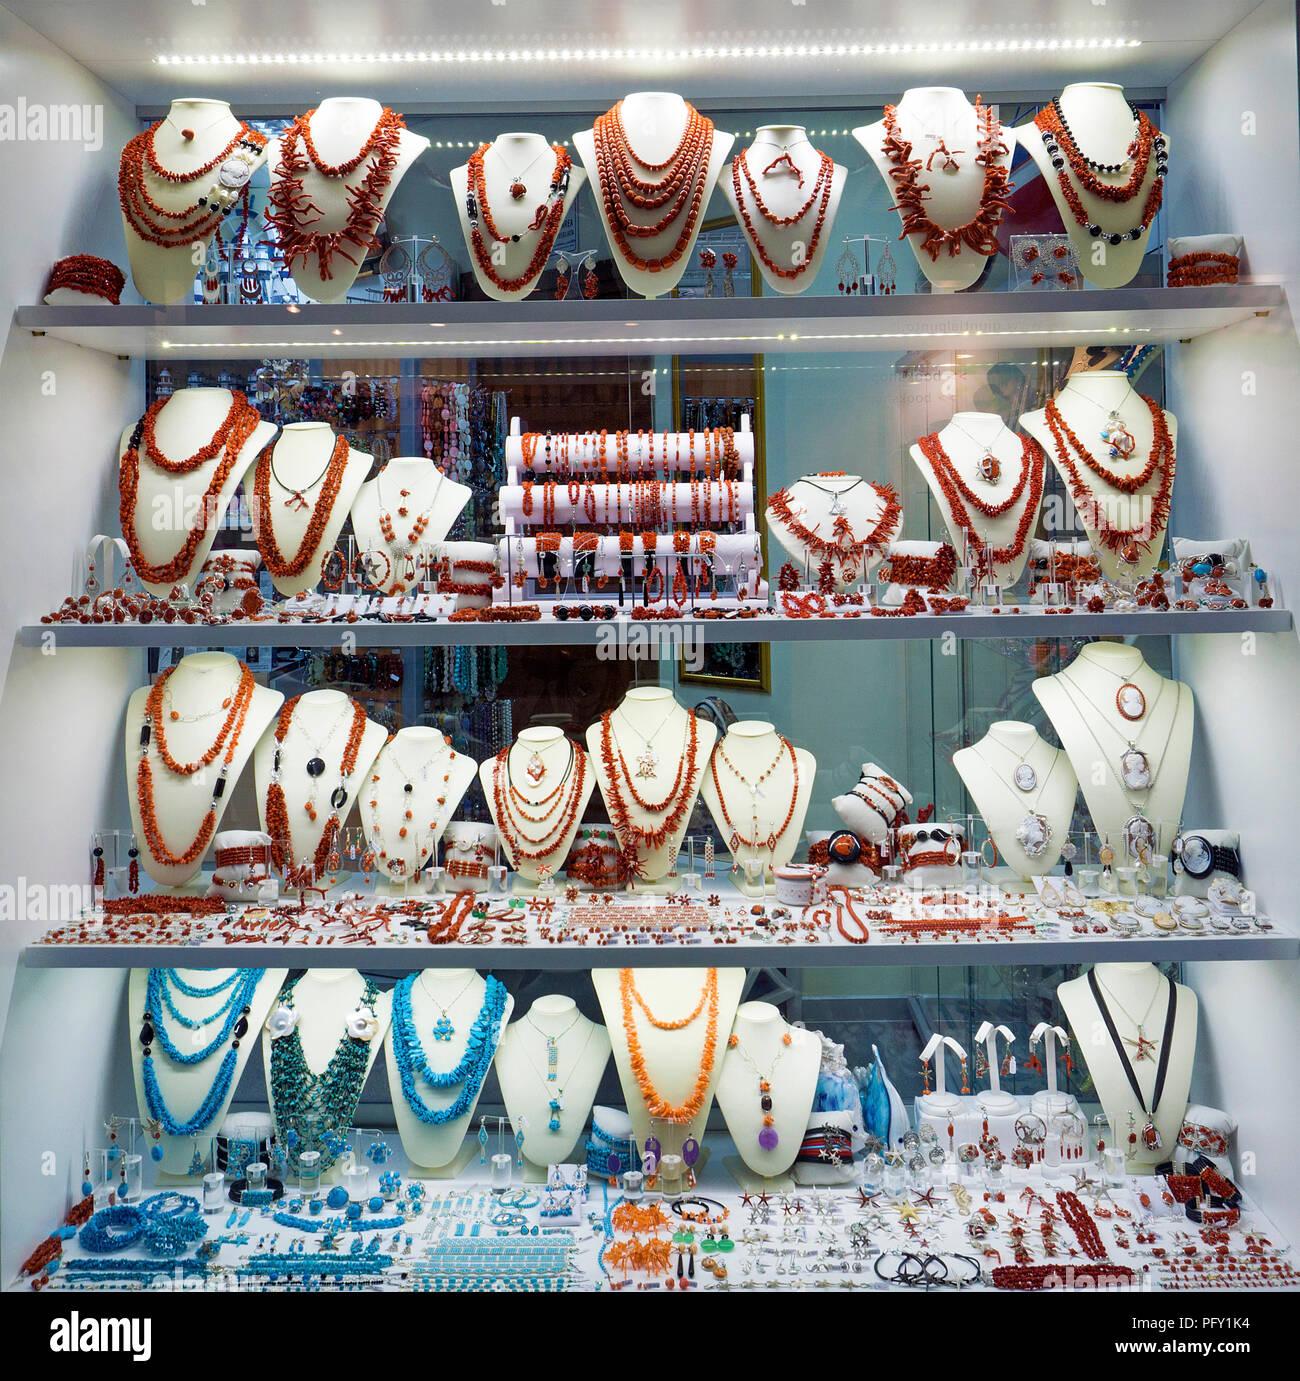 Les bijoux faits de corail rouge, Sardaigne coral (Corallium rubrum), l'affichage dans une bijouterie, Castelsardo, Sardaigne, Italie Photo Stock